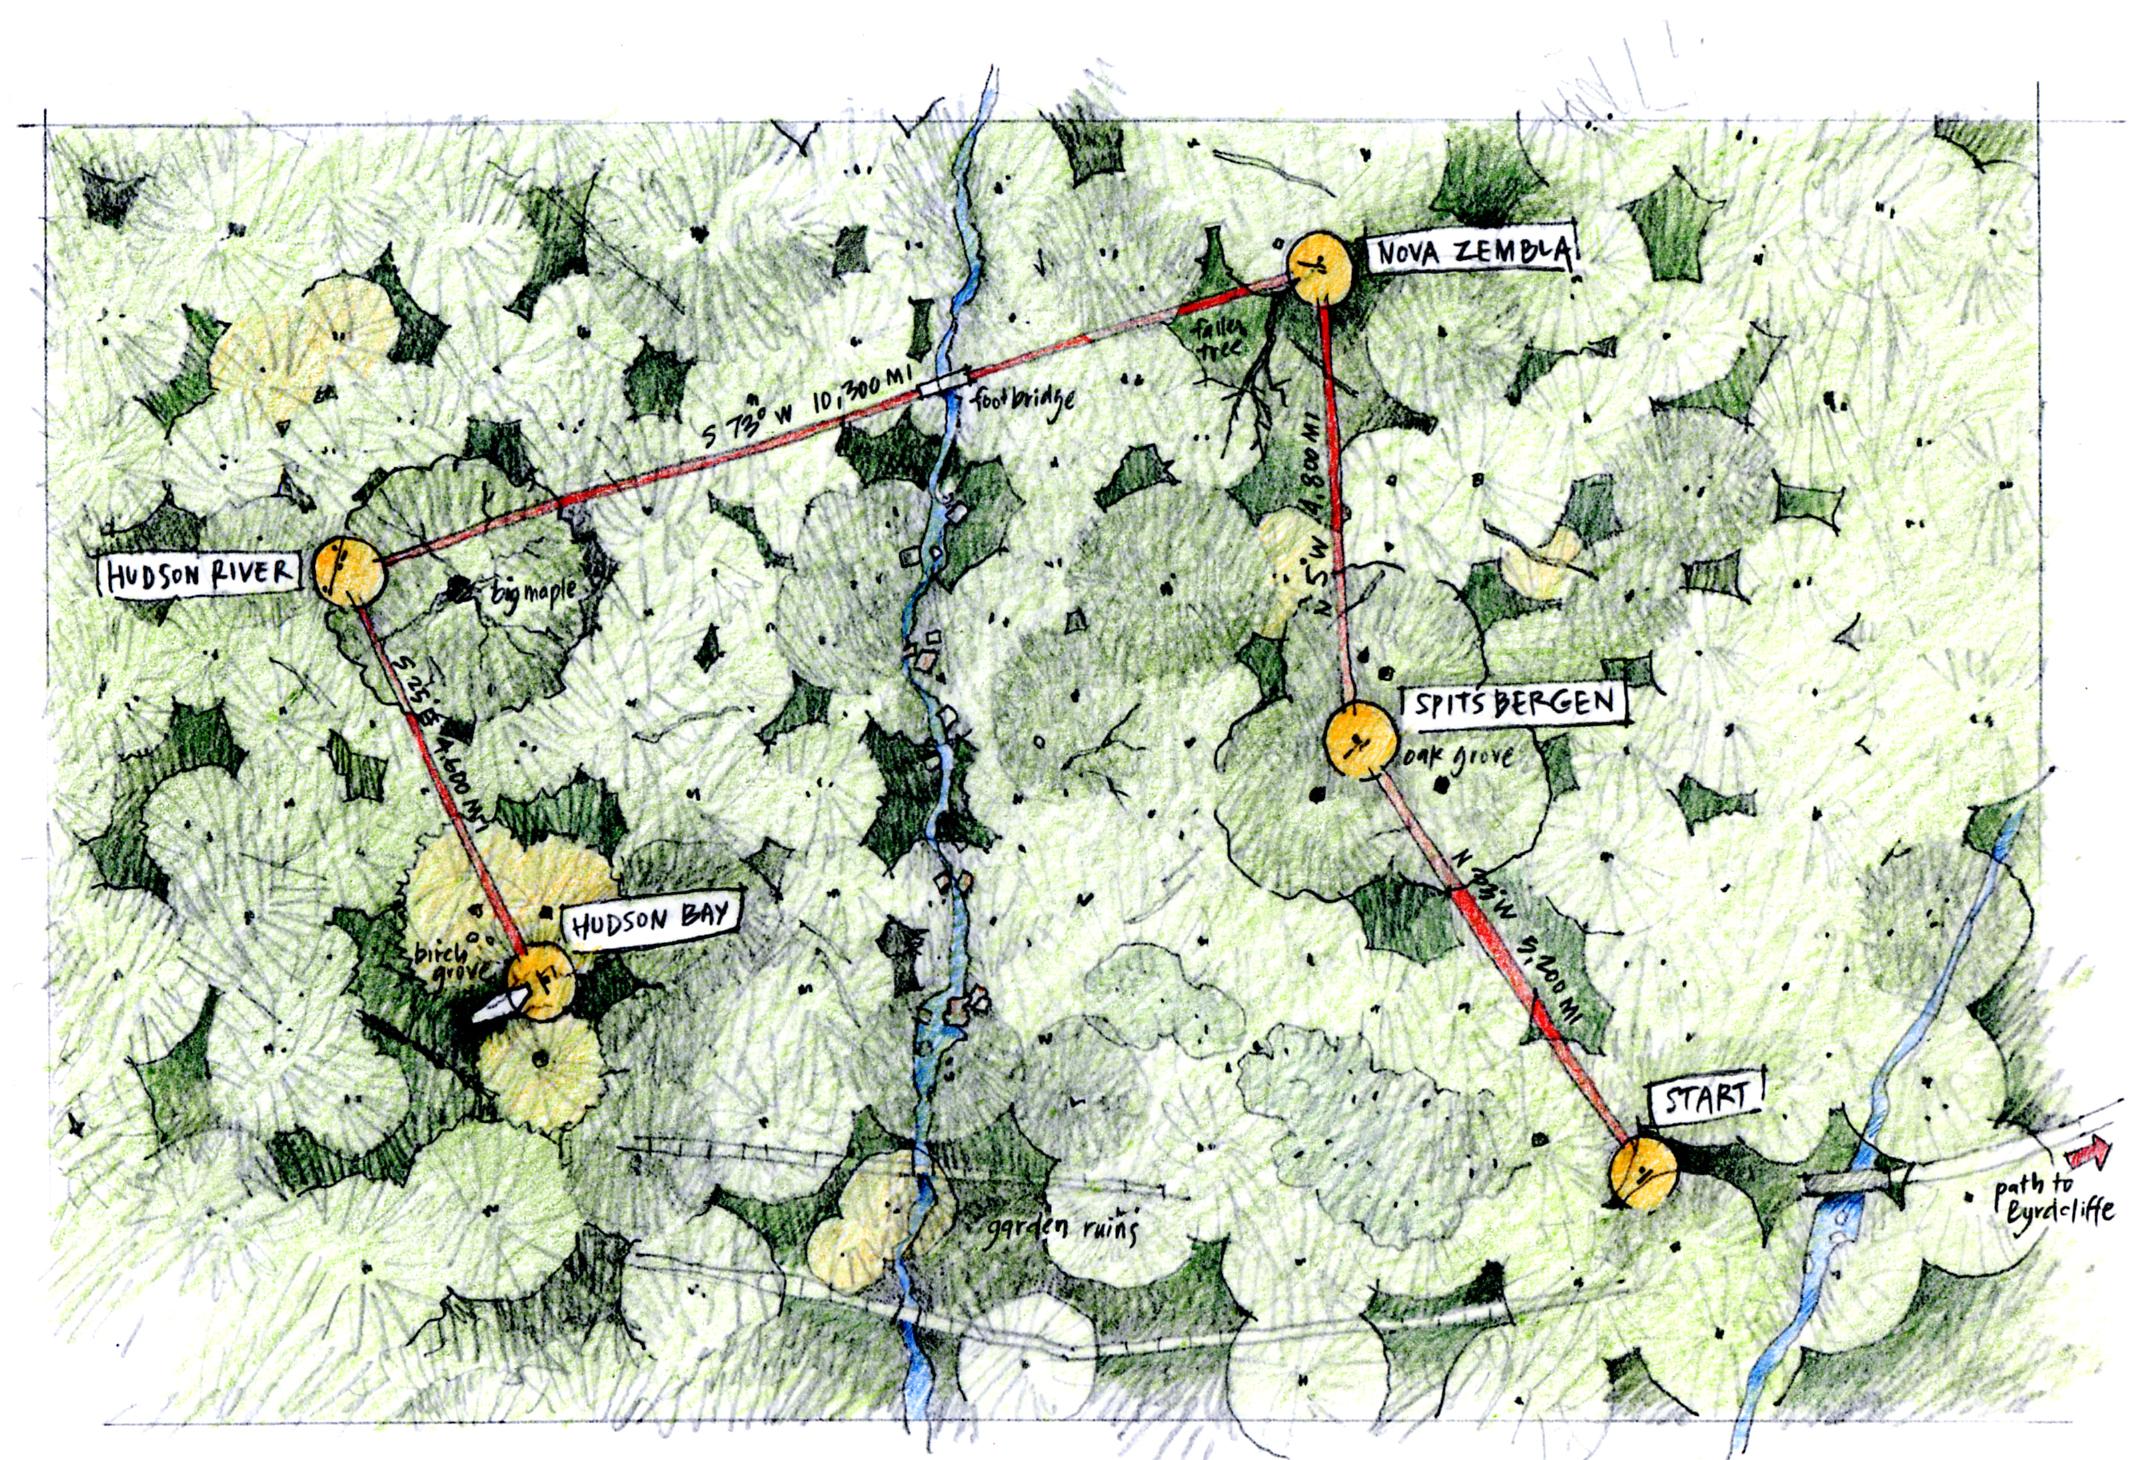 Henry Hudson Map.jpg